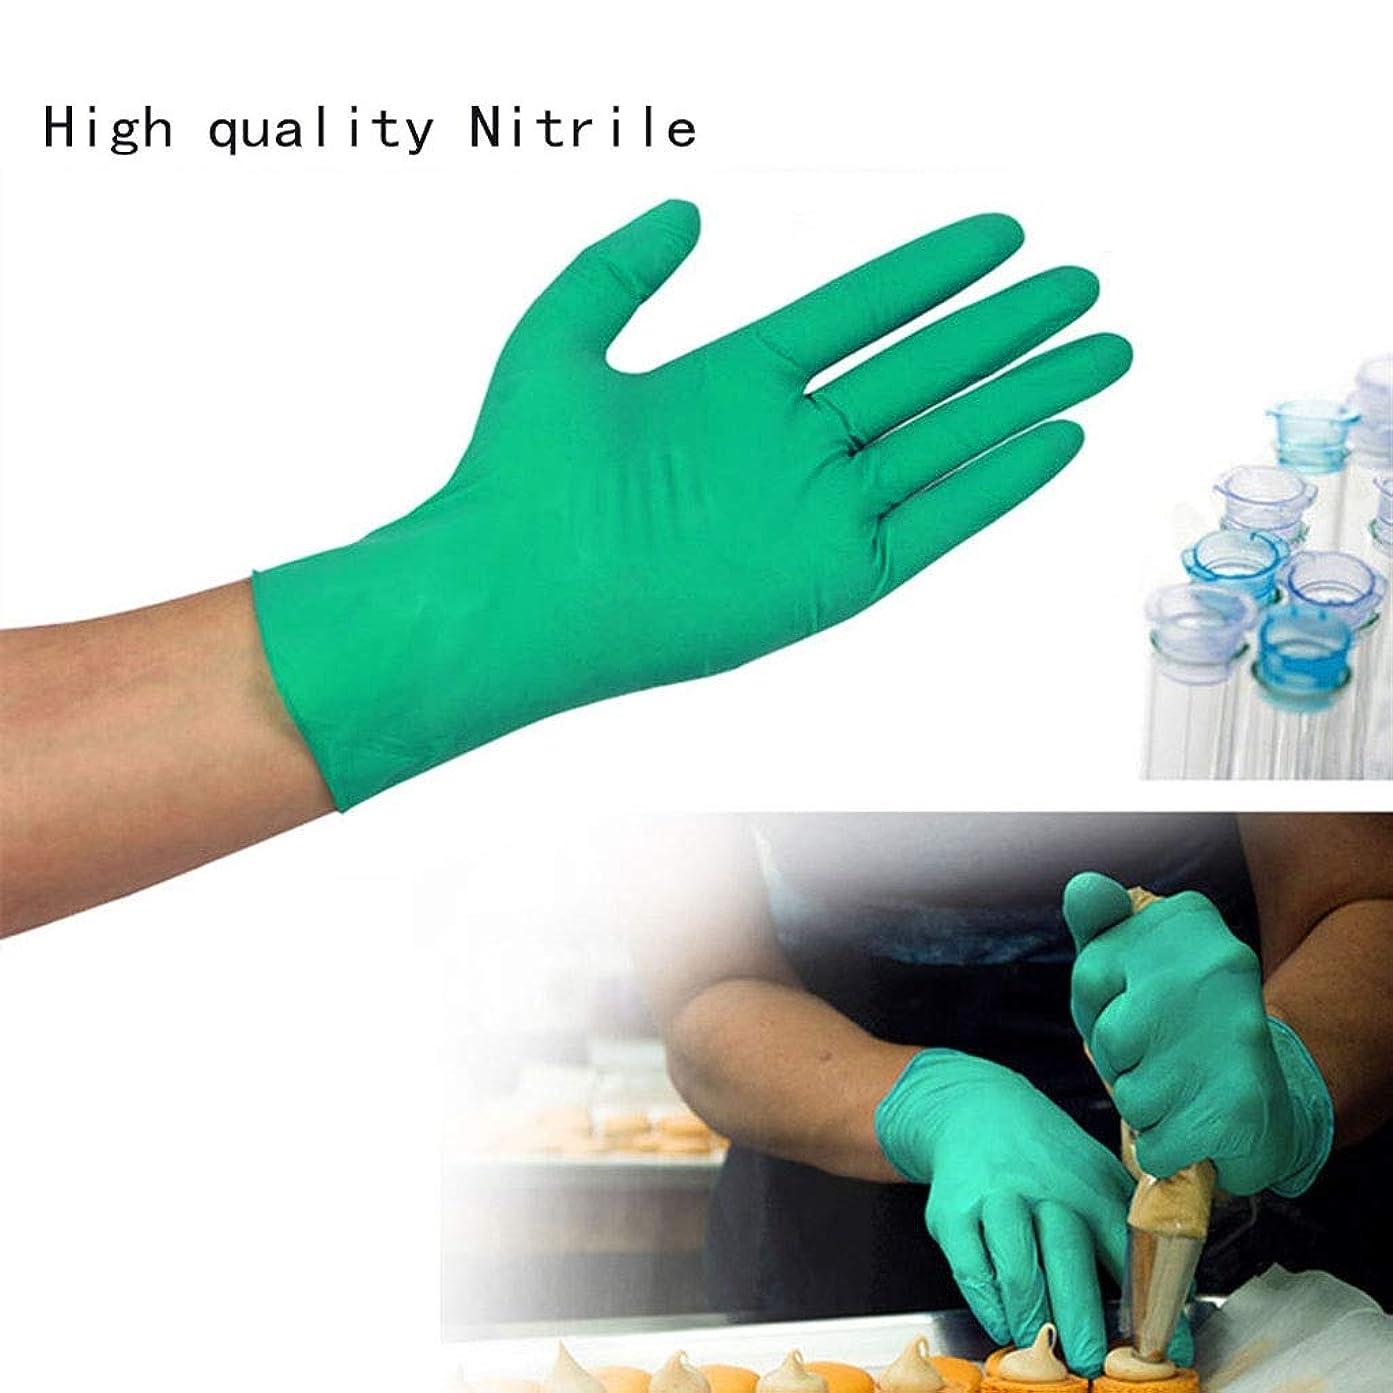 裏切り者オプショナル故障Mittsニトリル手袋、パウダーフリー、ラテックスゴムフリー、使い捨て手袋 - 非滅菌、食品安全、医療用グレード、100PSの便利なディスペンサーパック、(追加強度)(S-L) (サイズ さいず : M m)